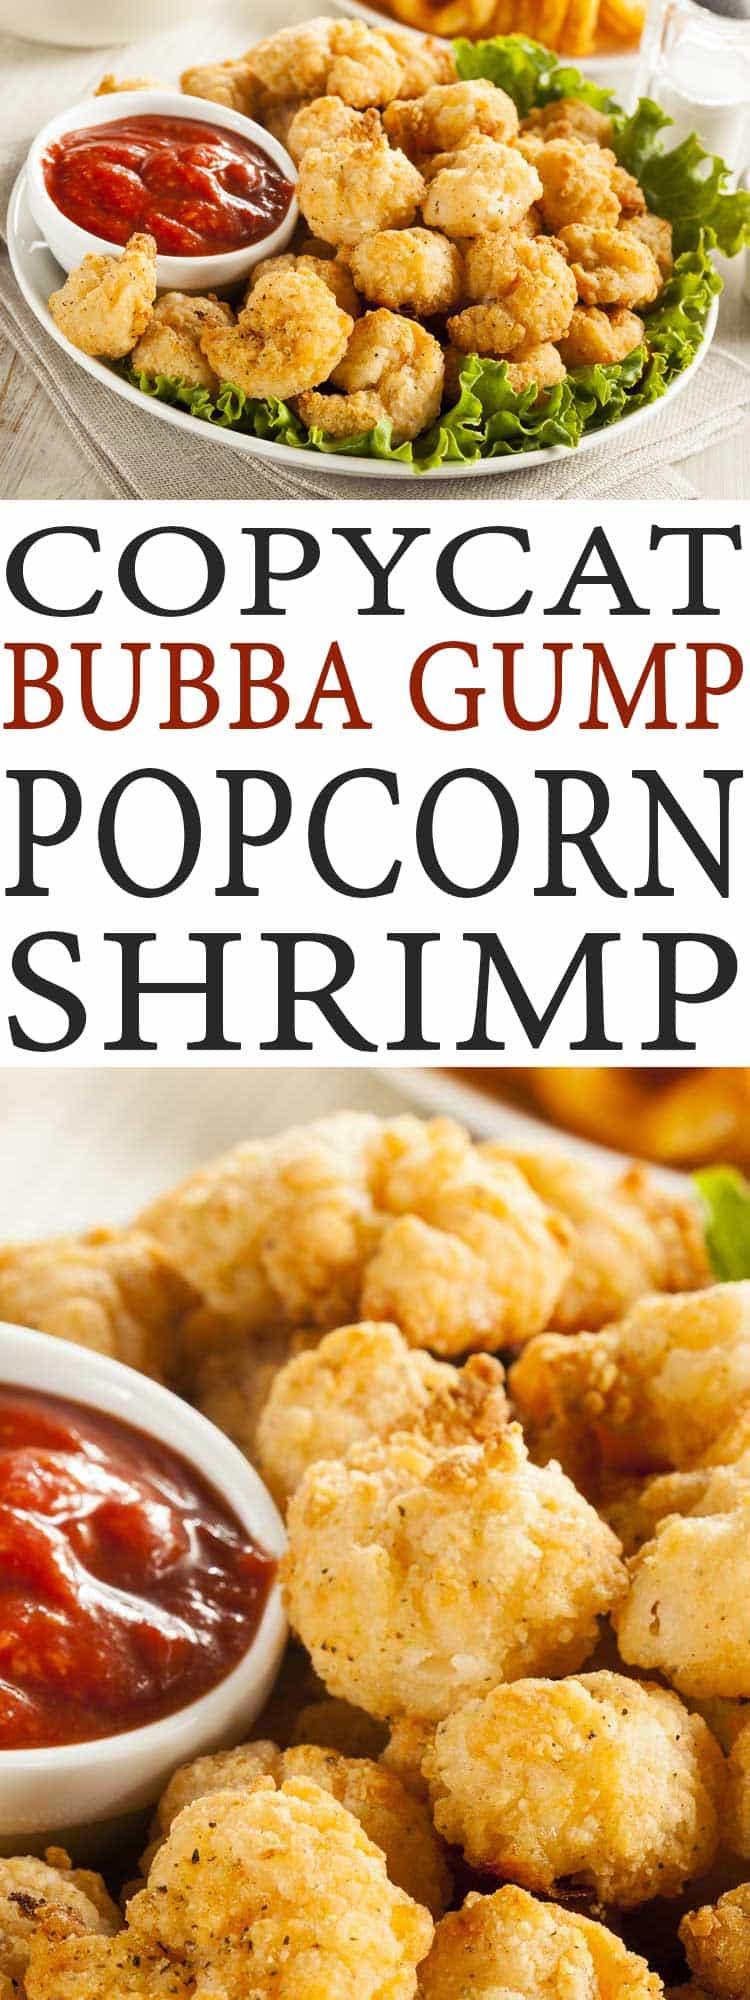 Copycat Bubba Gump P